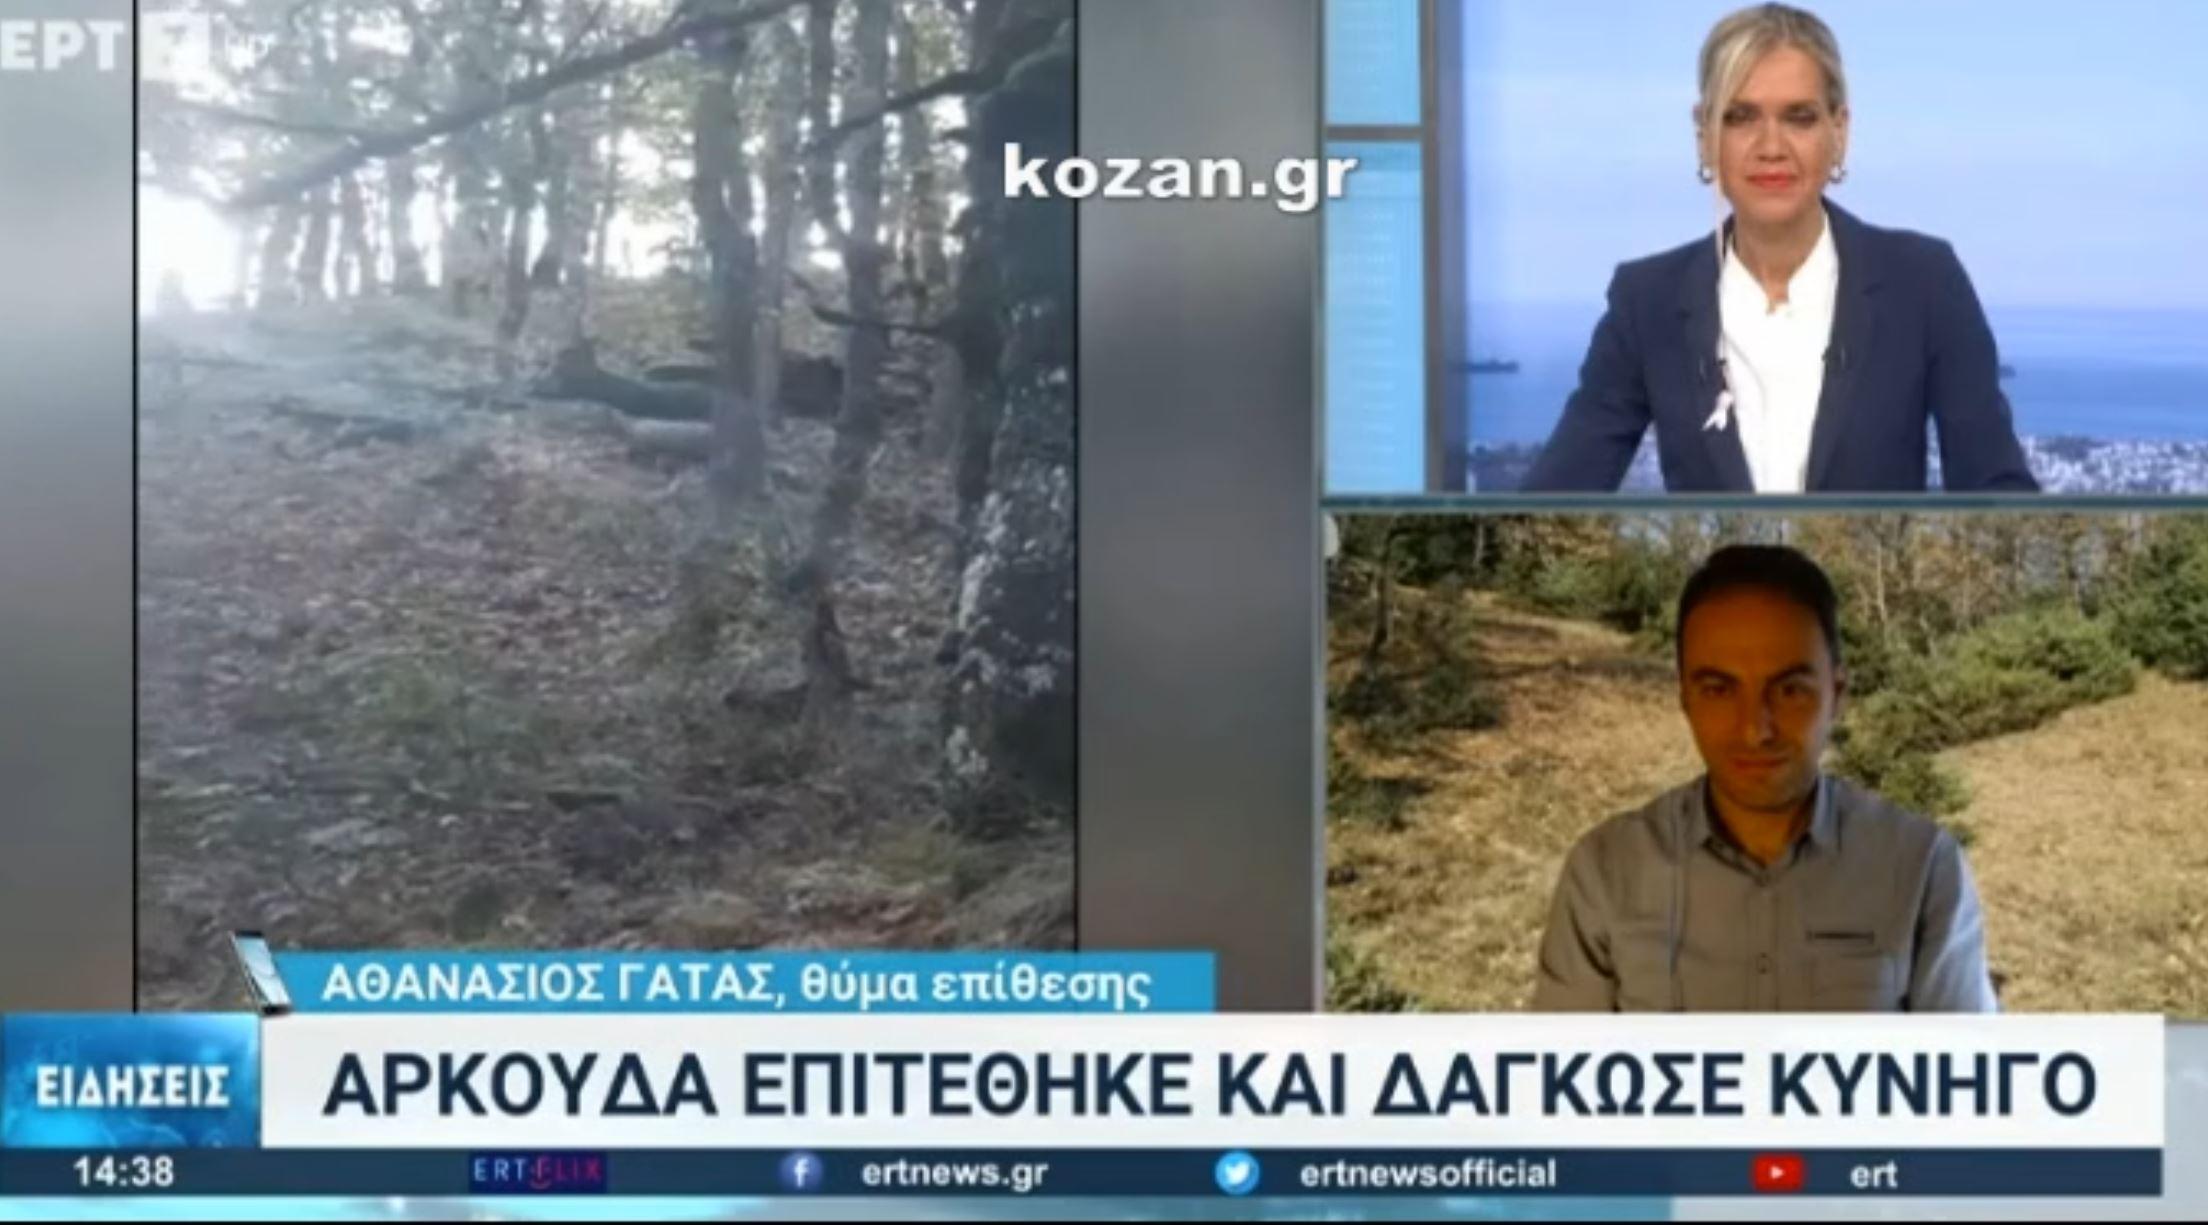 kozan.gr: O A. Γάτας, μίλησε στην ΕΡΤ3, για τον τραυματισμό του από επίθεση αρκούδας, στον Αυγερινό Βοΐου, που τον δάγκωσε στο πόδι – H παρέμβαση του Δ. Παπαγεωργίου, Προέδρου του Κυνηγετικού Συλλόγου Κοζάνης (Βίντεο)